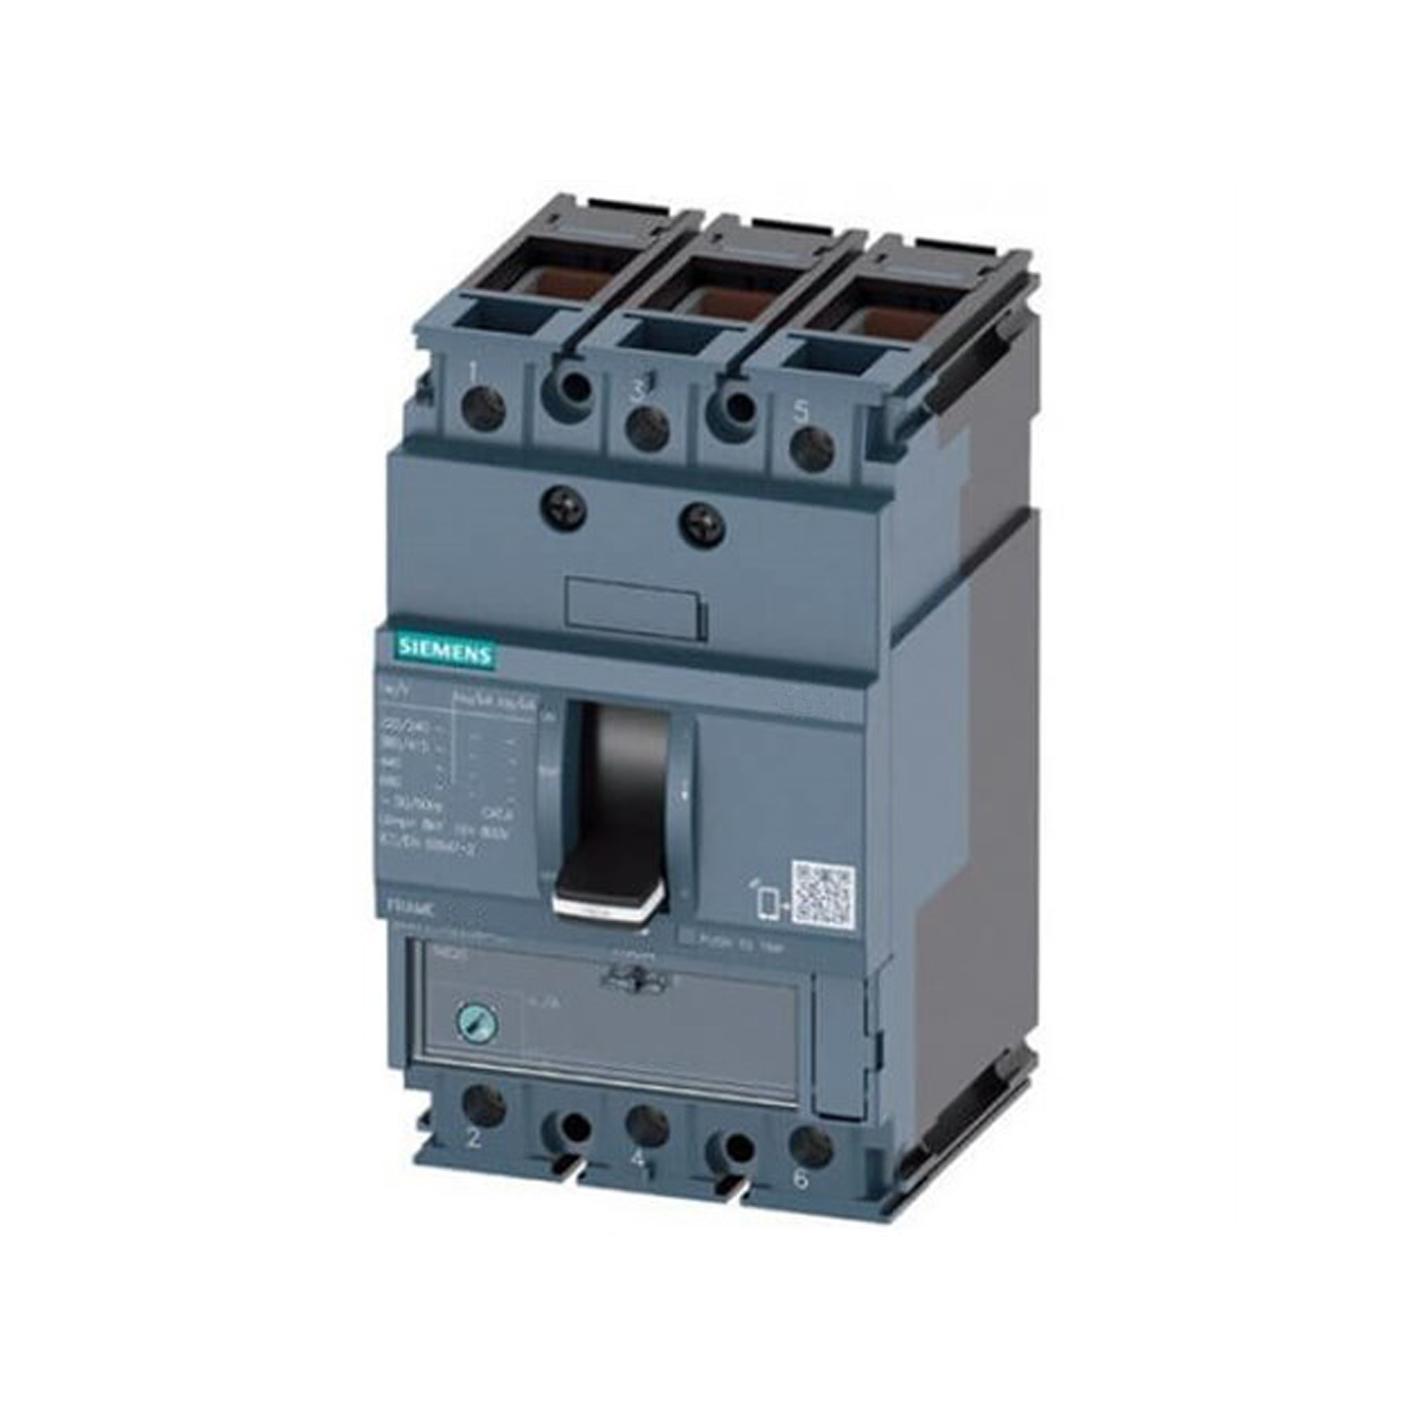 Siemens 400A Ayarlanabilir Kompakt Tip Termik Manyetik Güç Şalteri